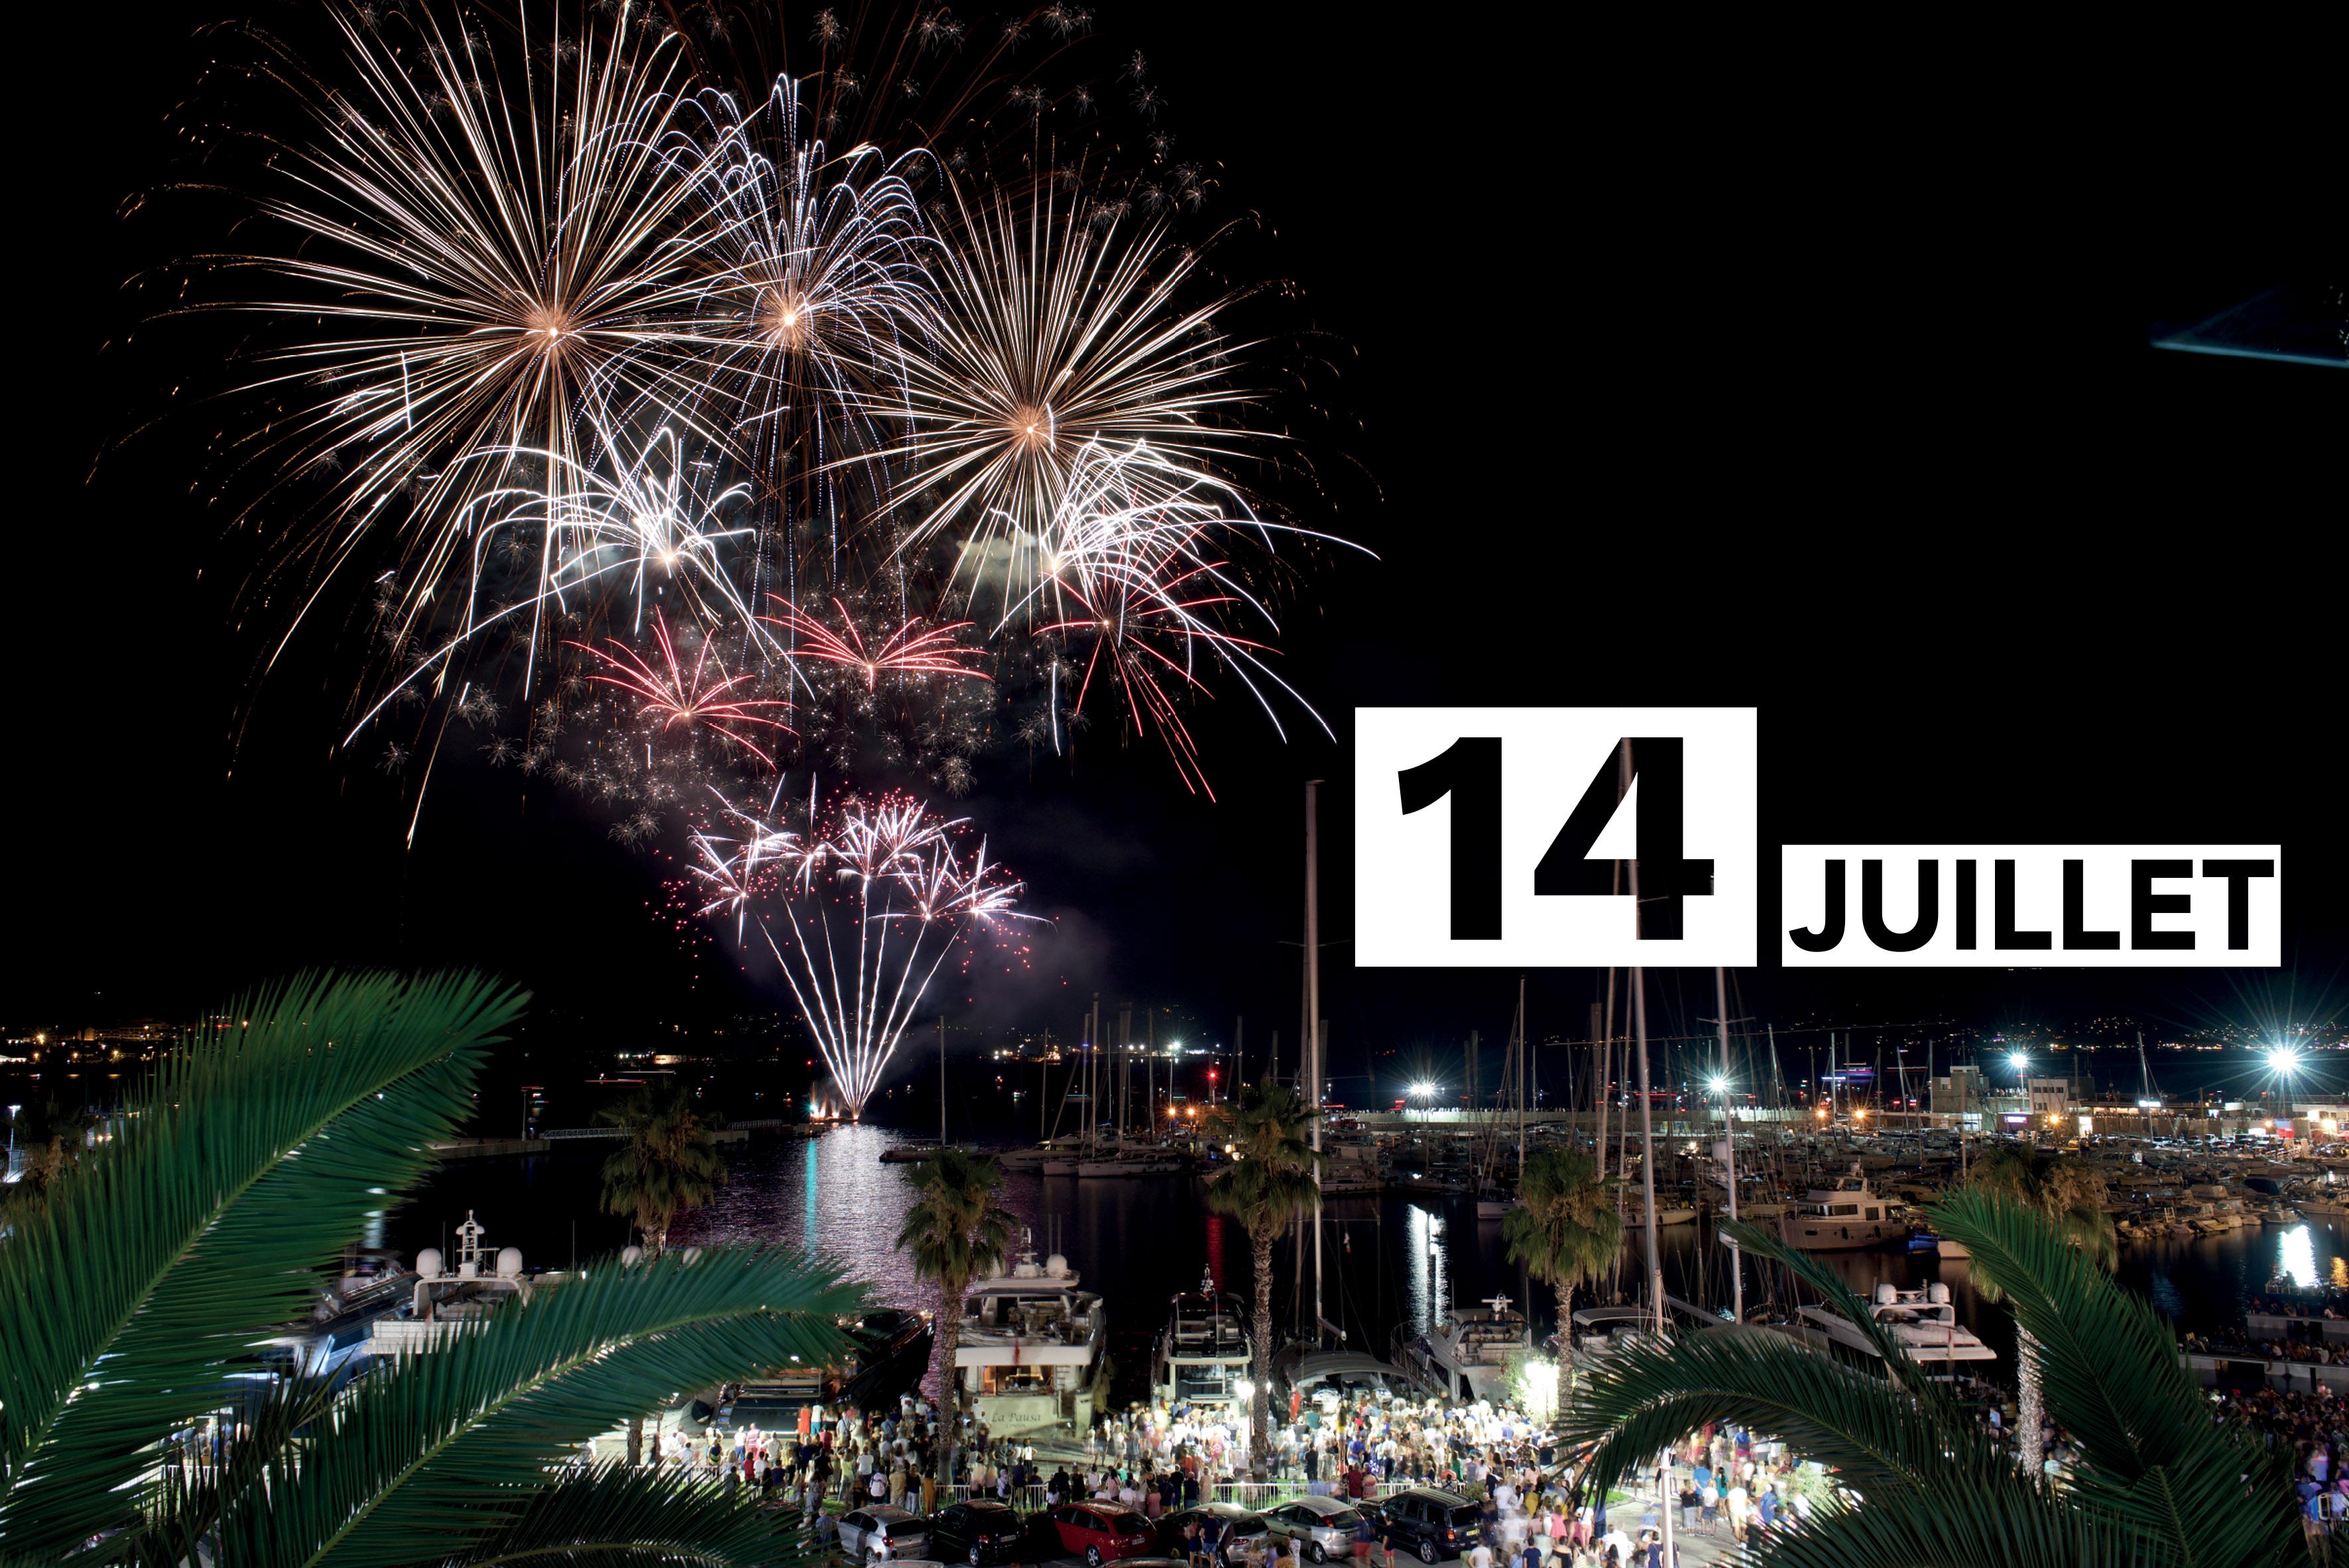 Le 14 juillet à Ajaccio